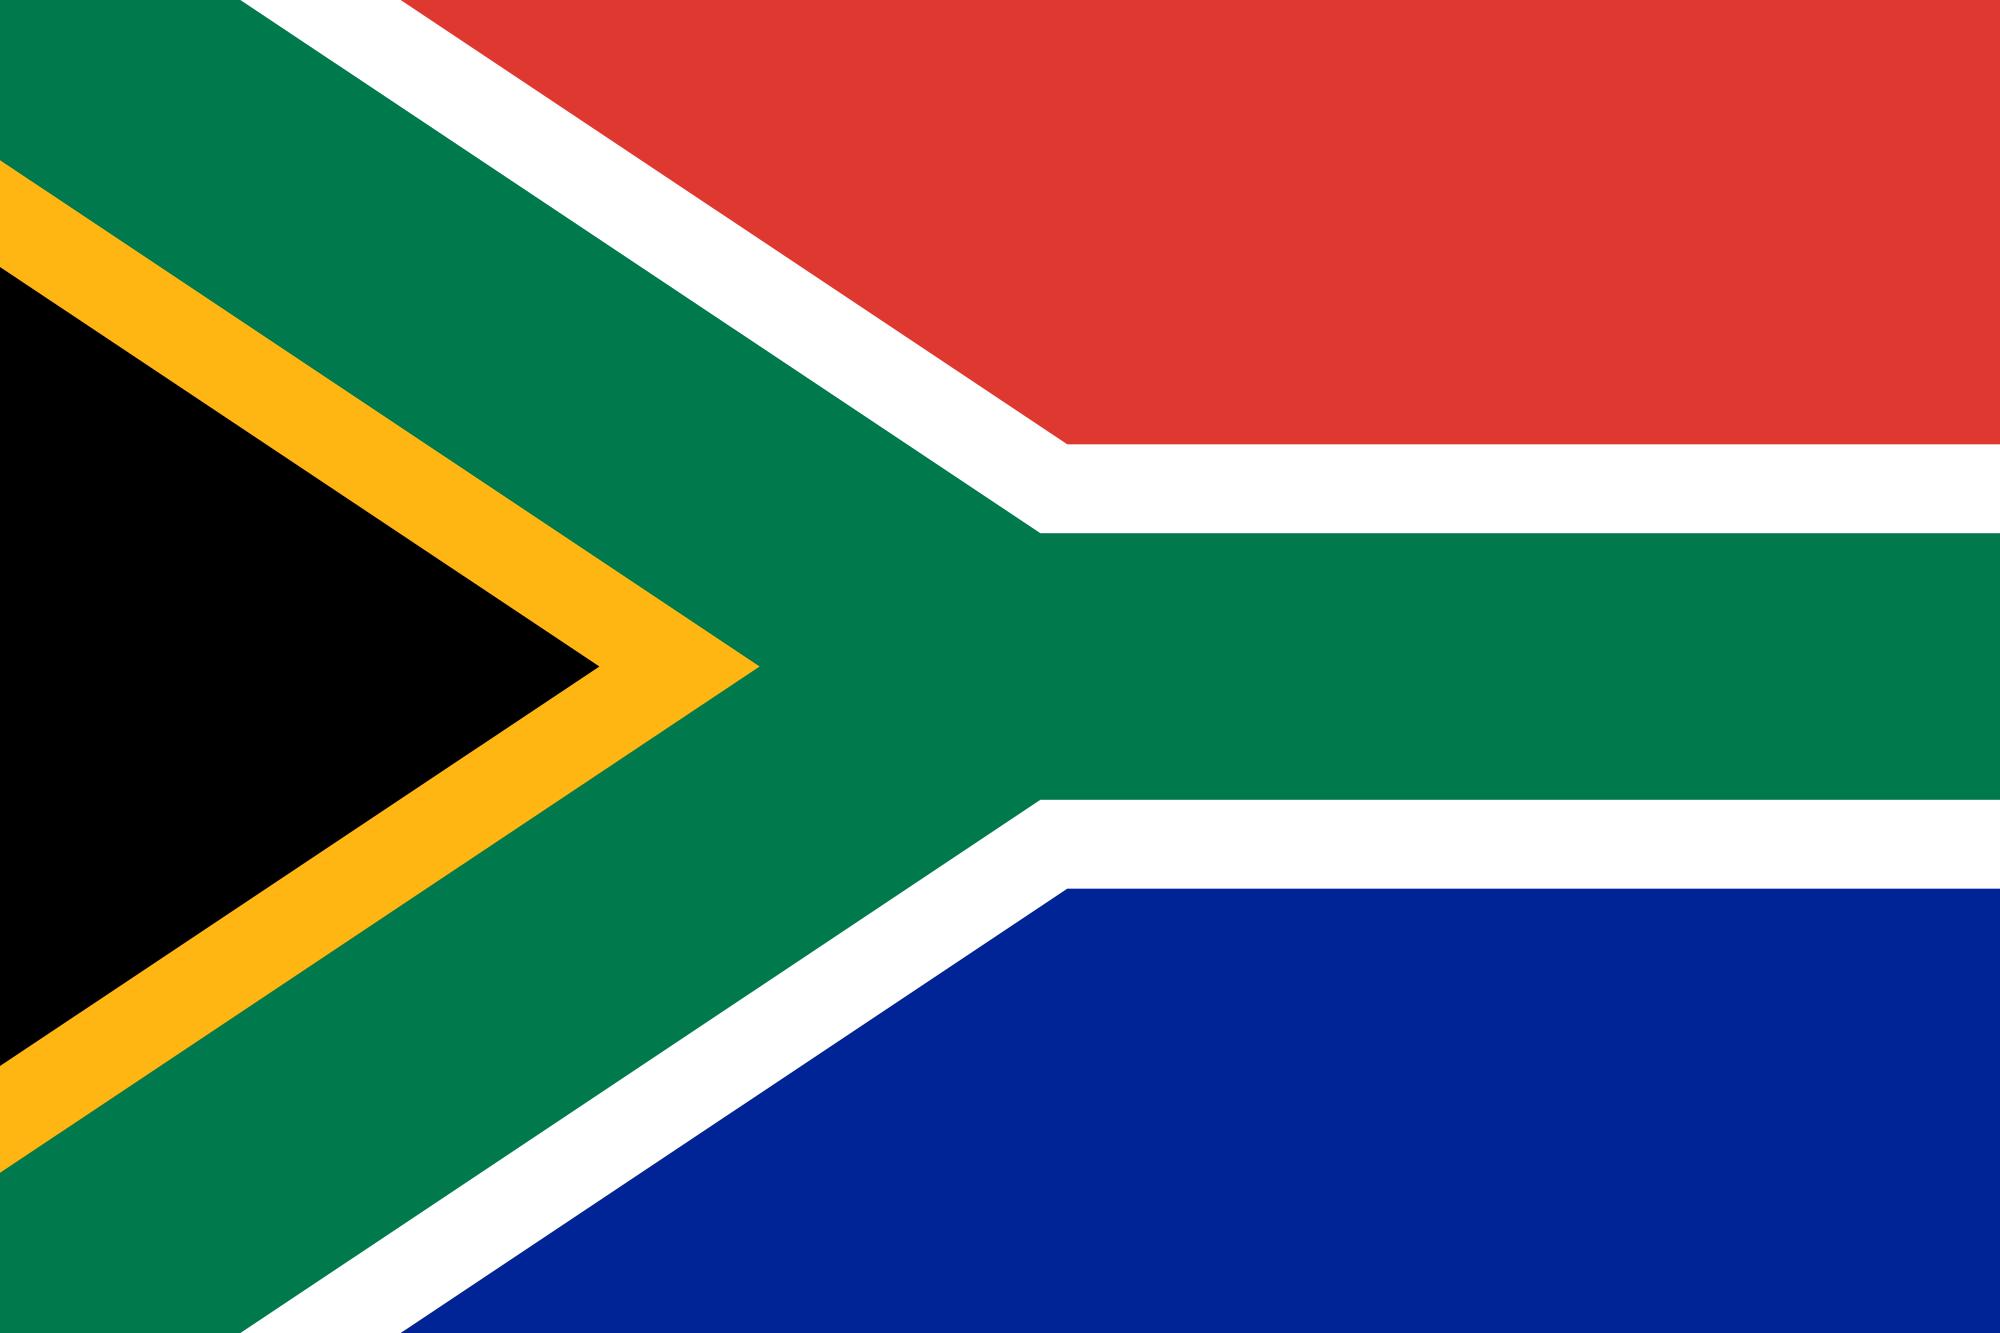 South Africa   Afrikaans  English (South Africa)  isiXhosa  isiZulu  Khelobedu  Sepedi  Sesotho (South Africa)  Setswana  SiSwati (South Africa)